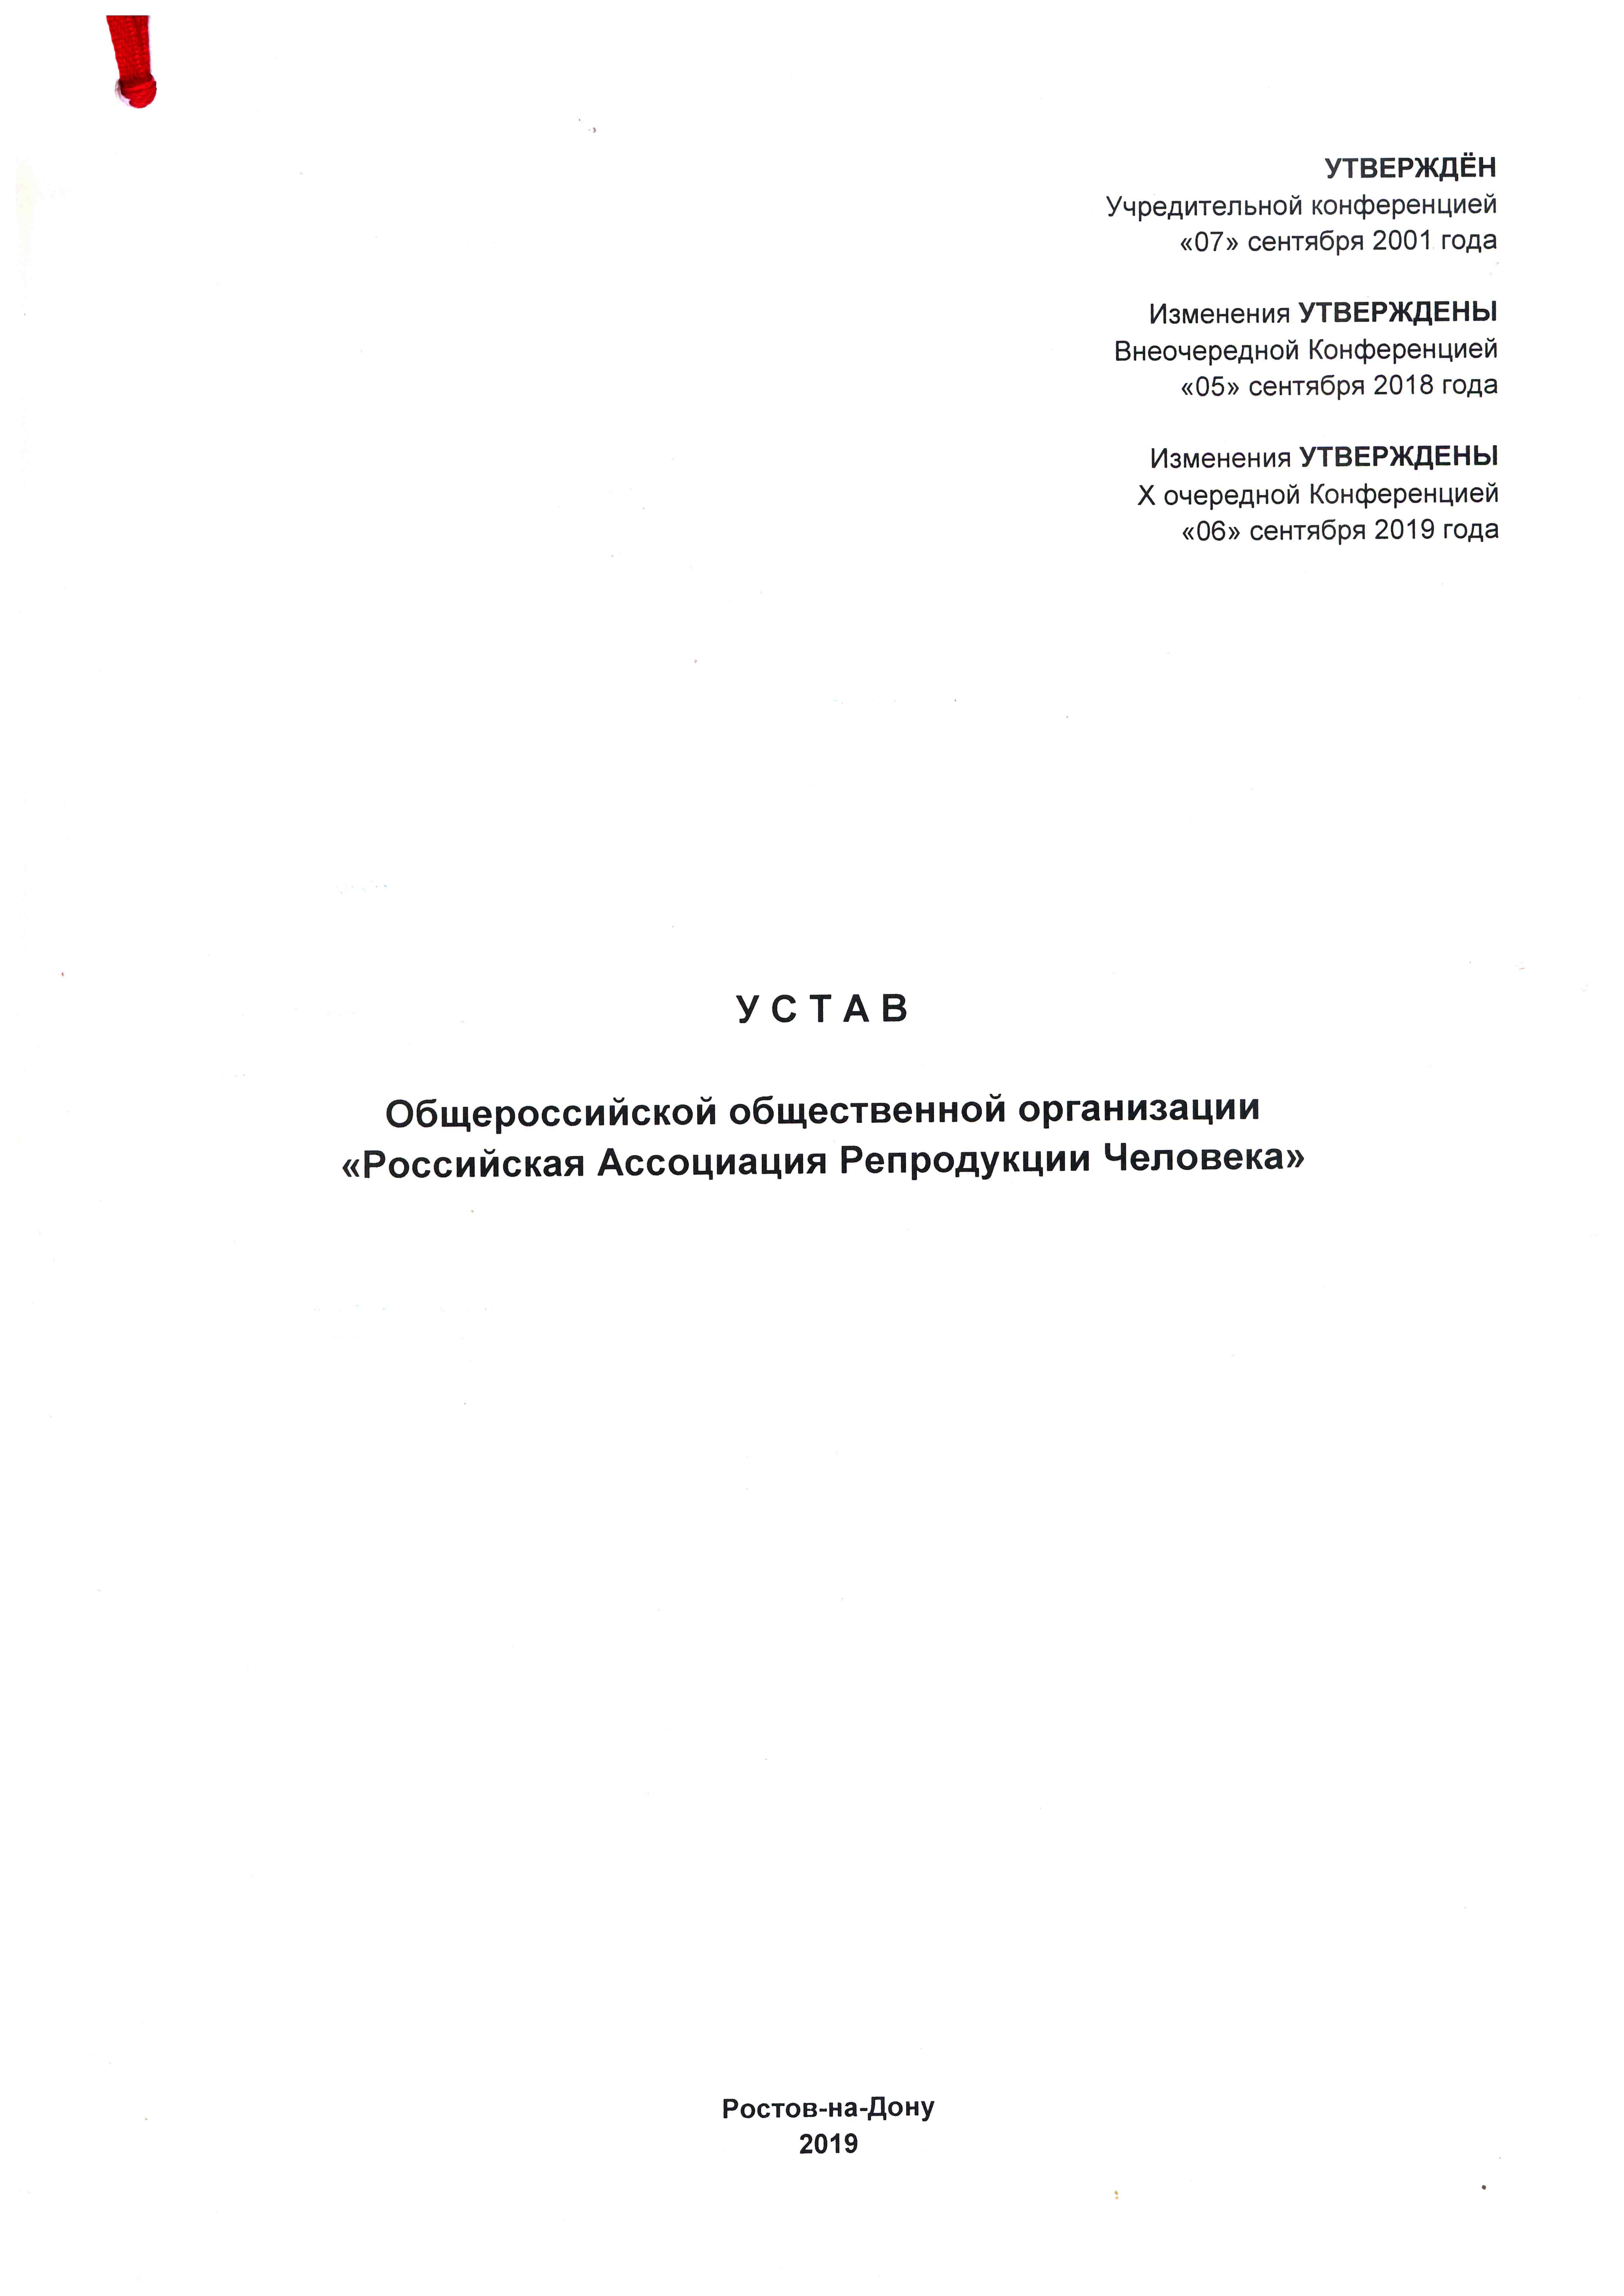 Устав РАРЧ 2019